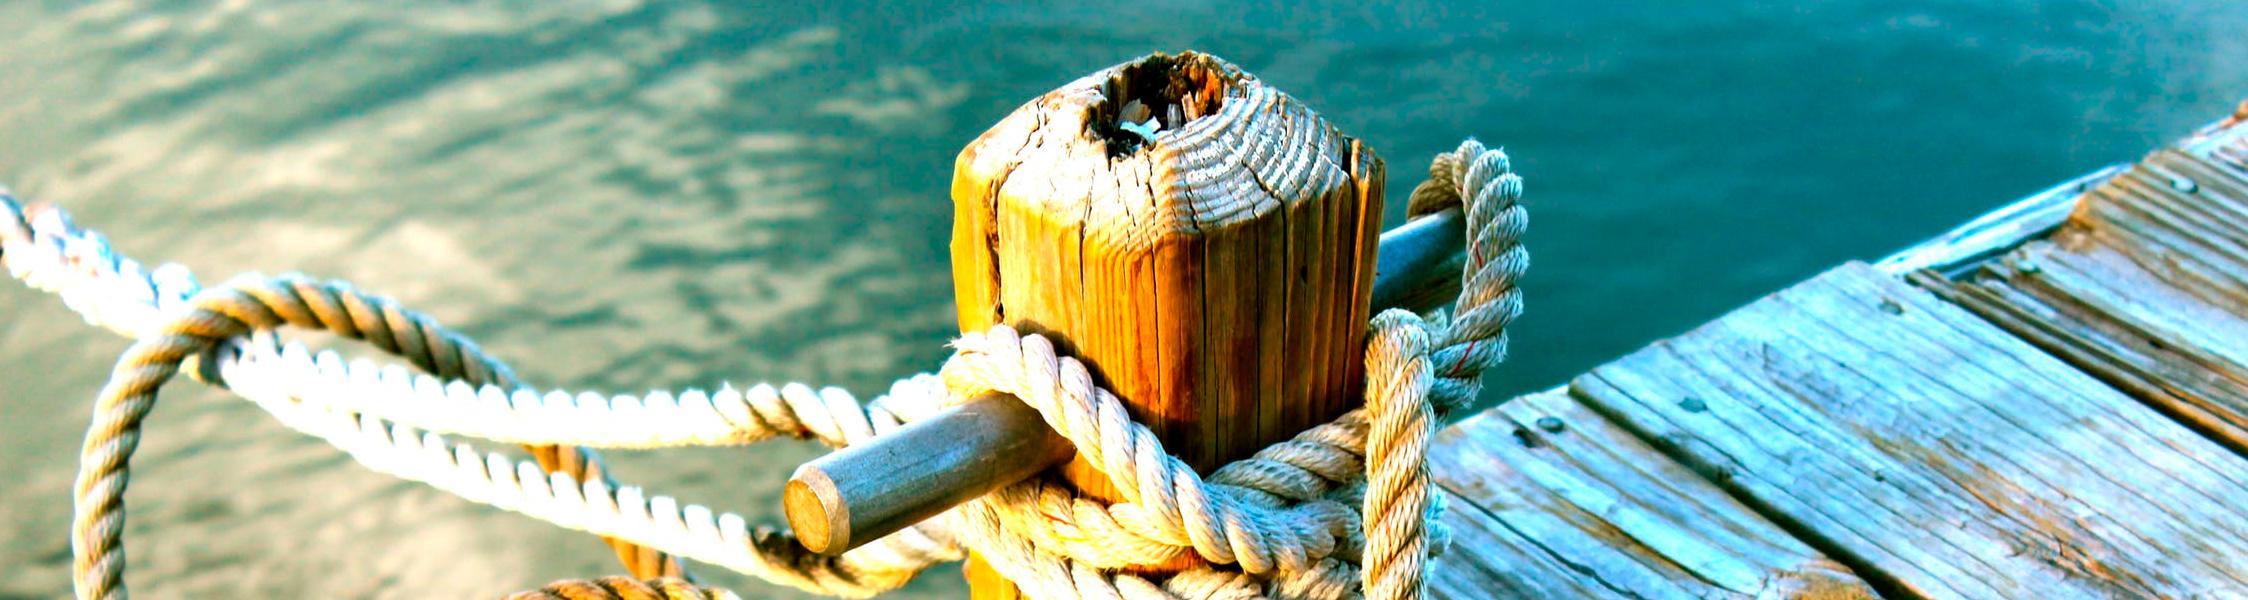 Sejl på Silkeborgsøerne - hvad skal du huske?